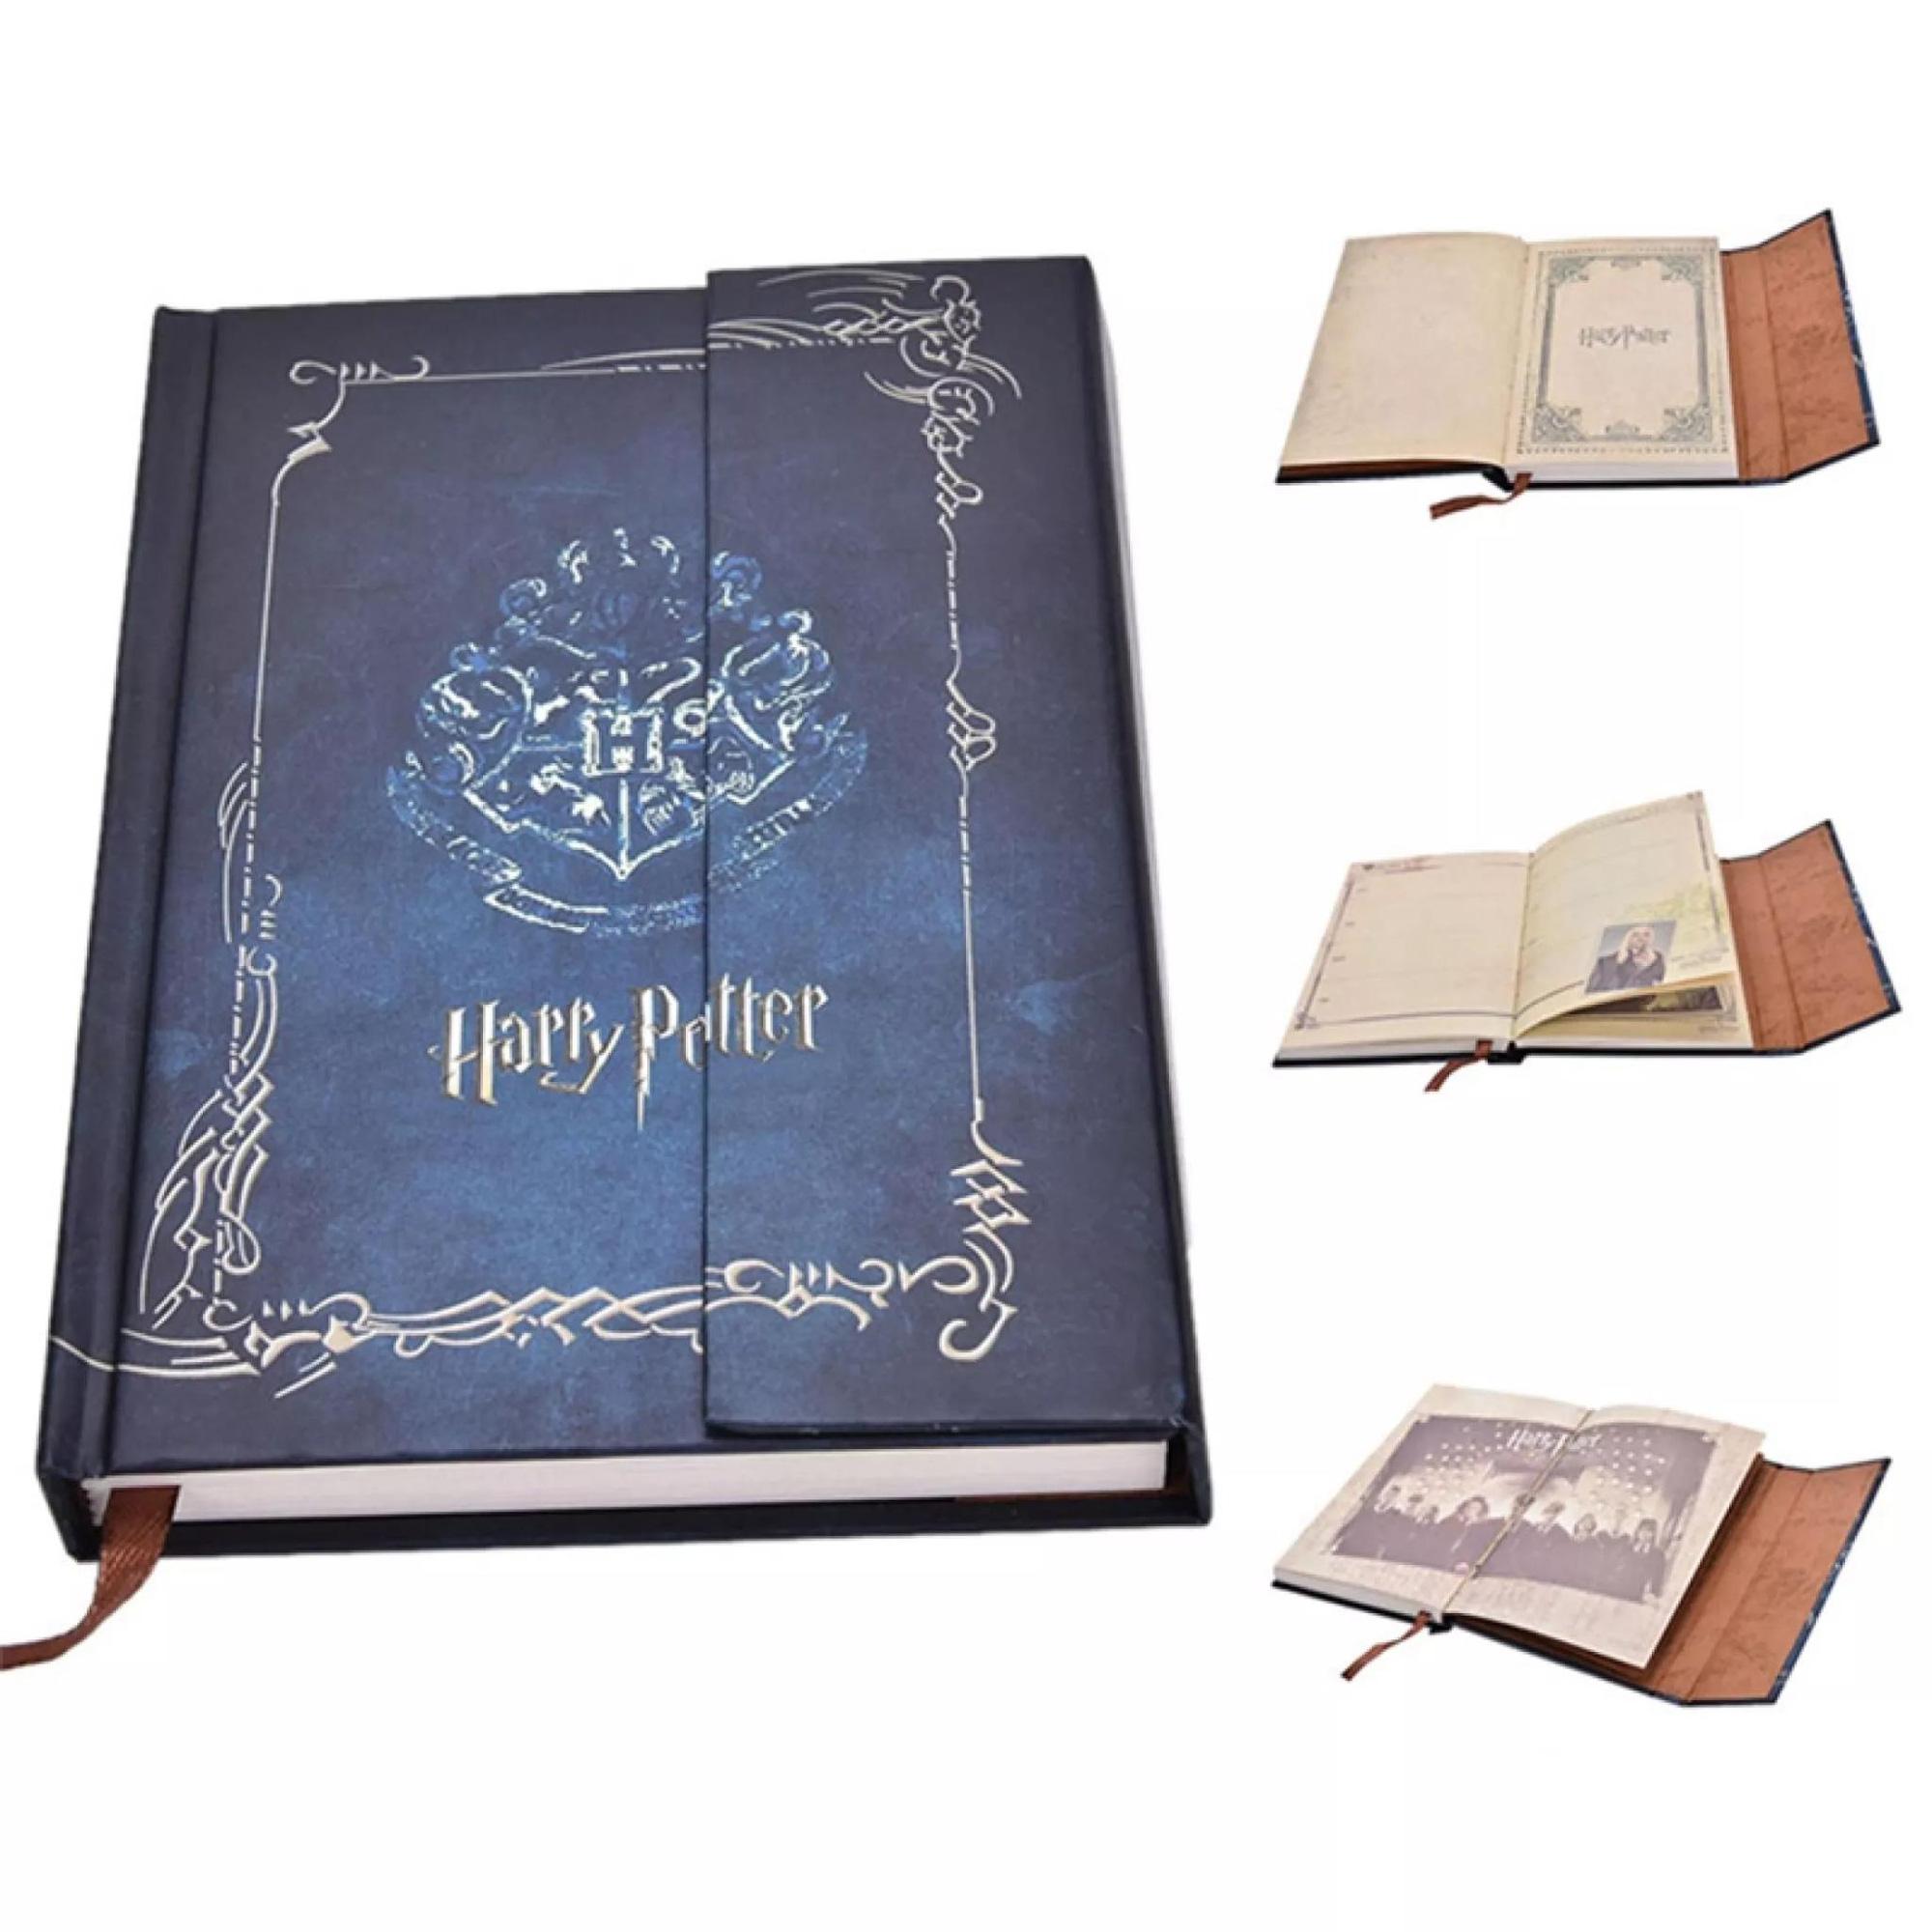 Top 7 item bán chạy nhất trên Lazada trong làn sóng kỉ niệm 10 năm công chiếu tập cuối của Harry Potter - Ảnh 7.